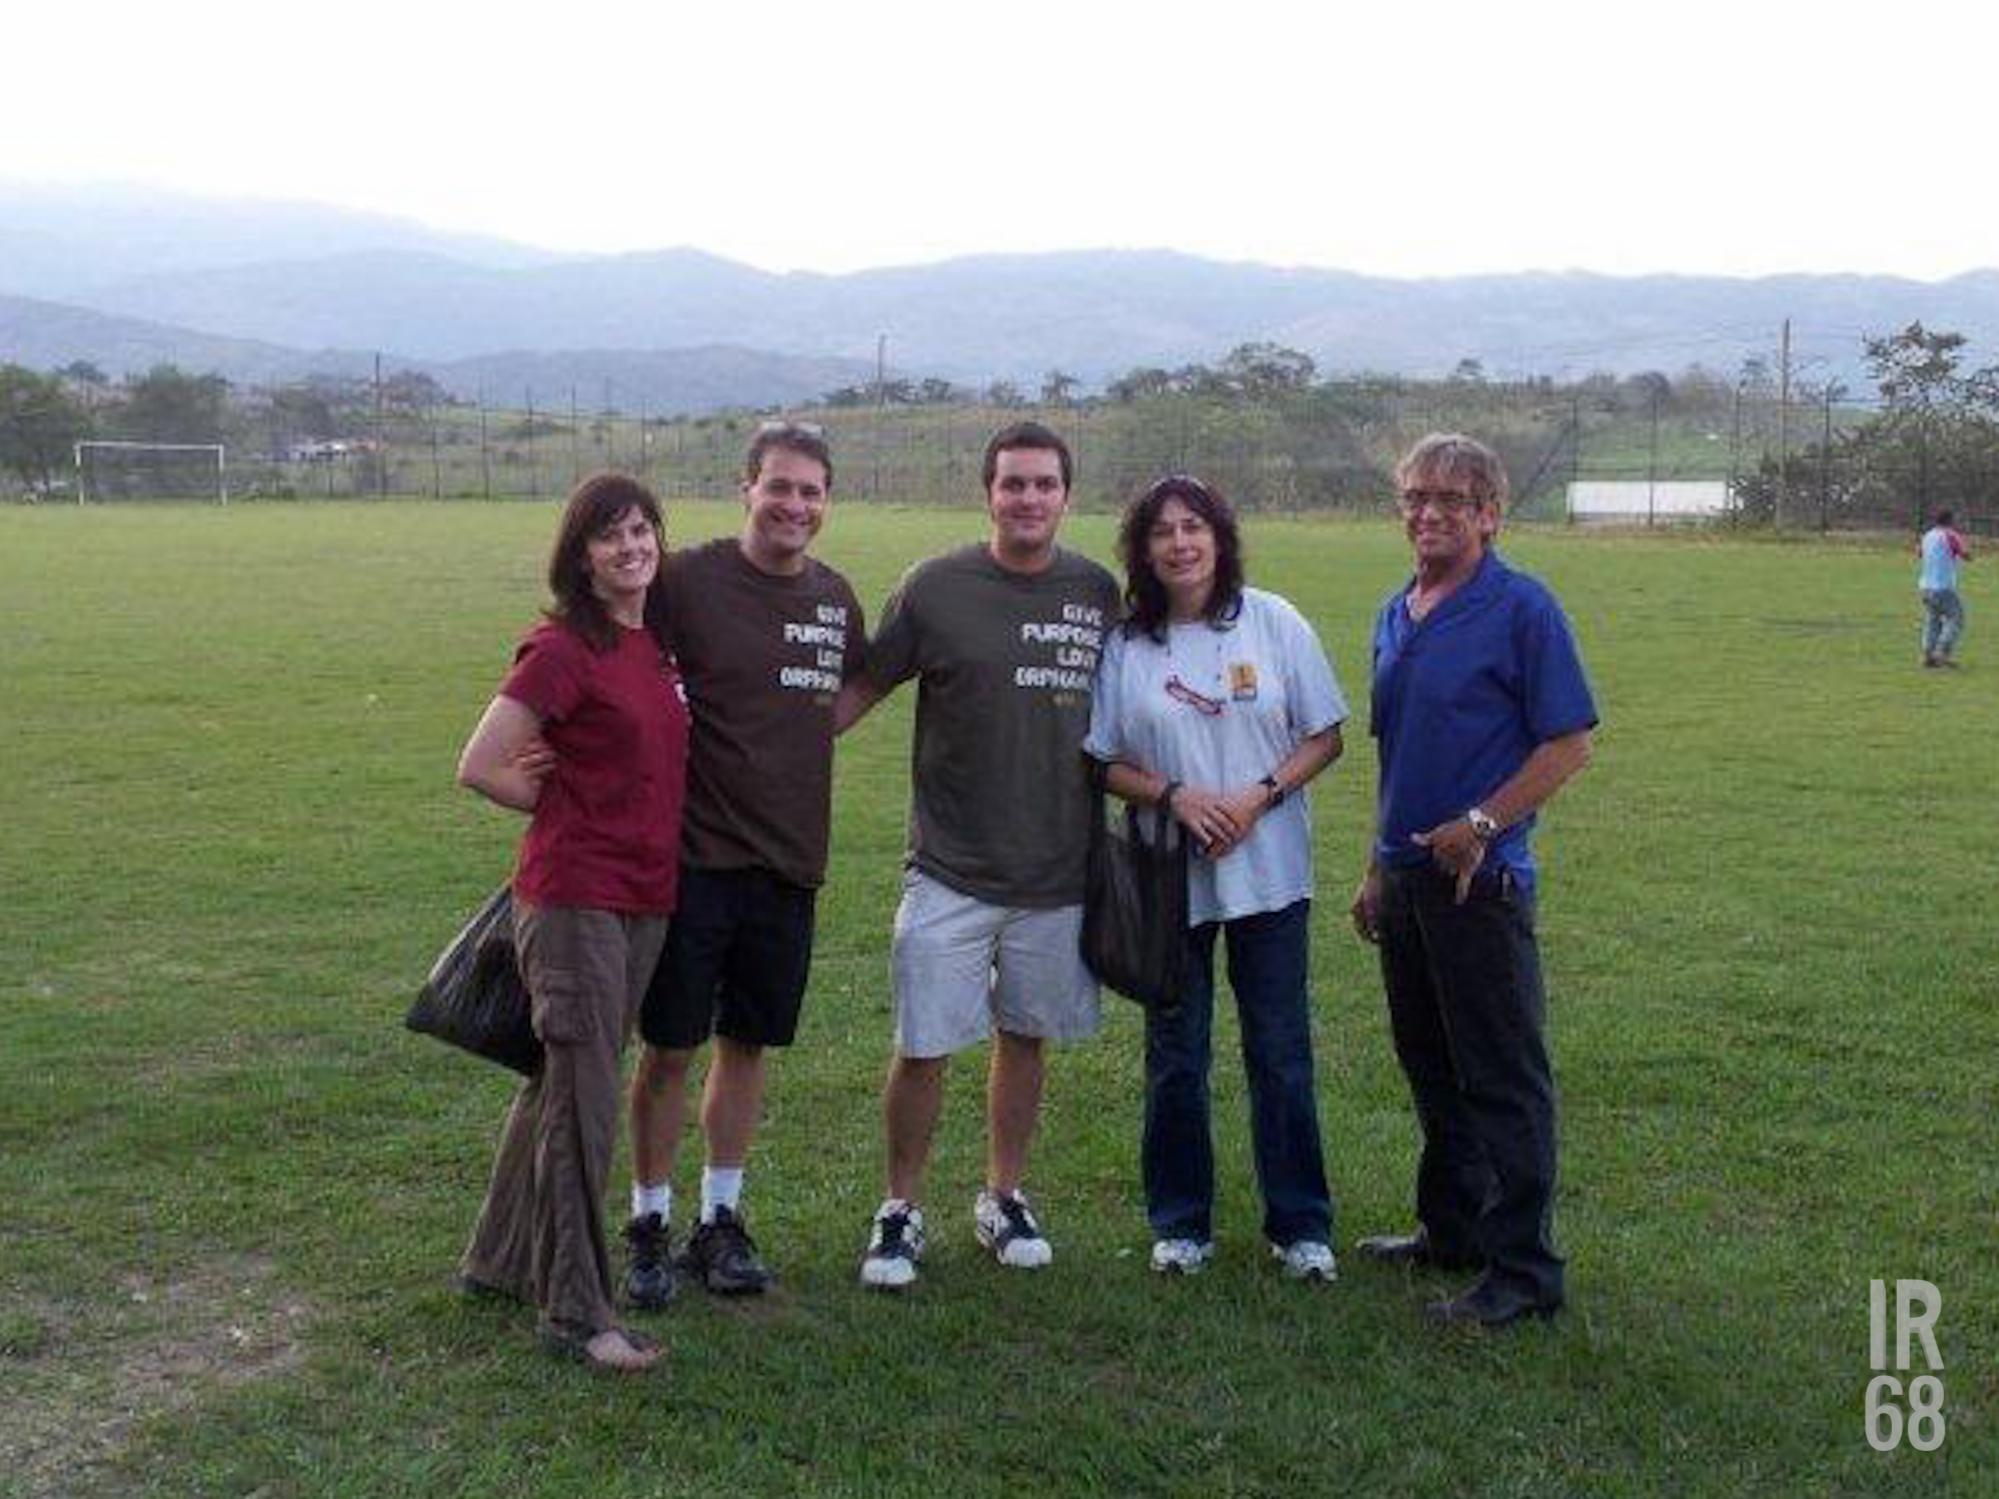 13-Team on Soccer Field.jpg